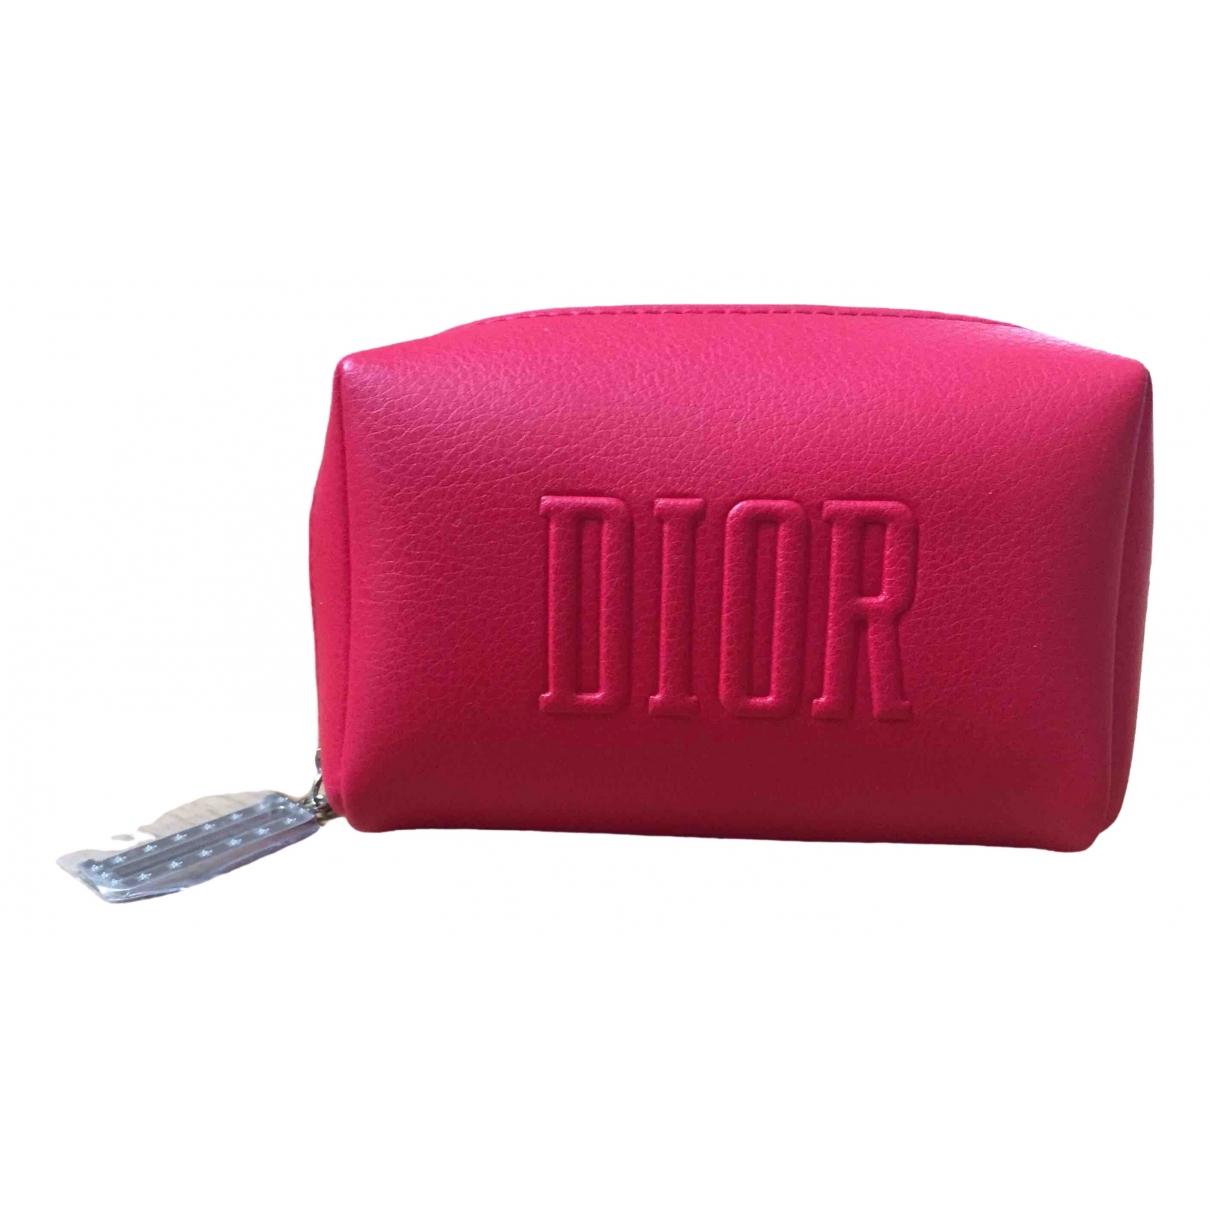 Dior - Sac de voyage   pour femme - rouge